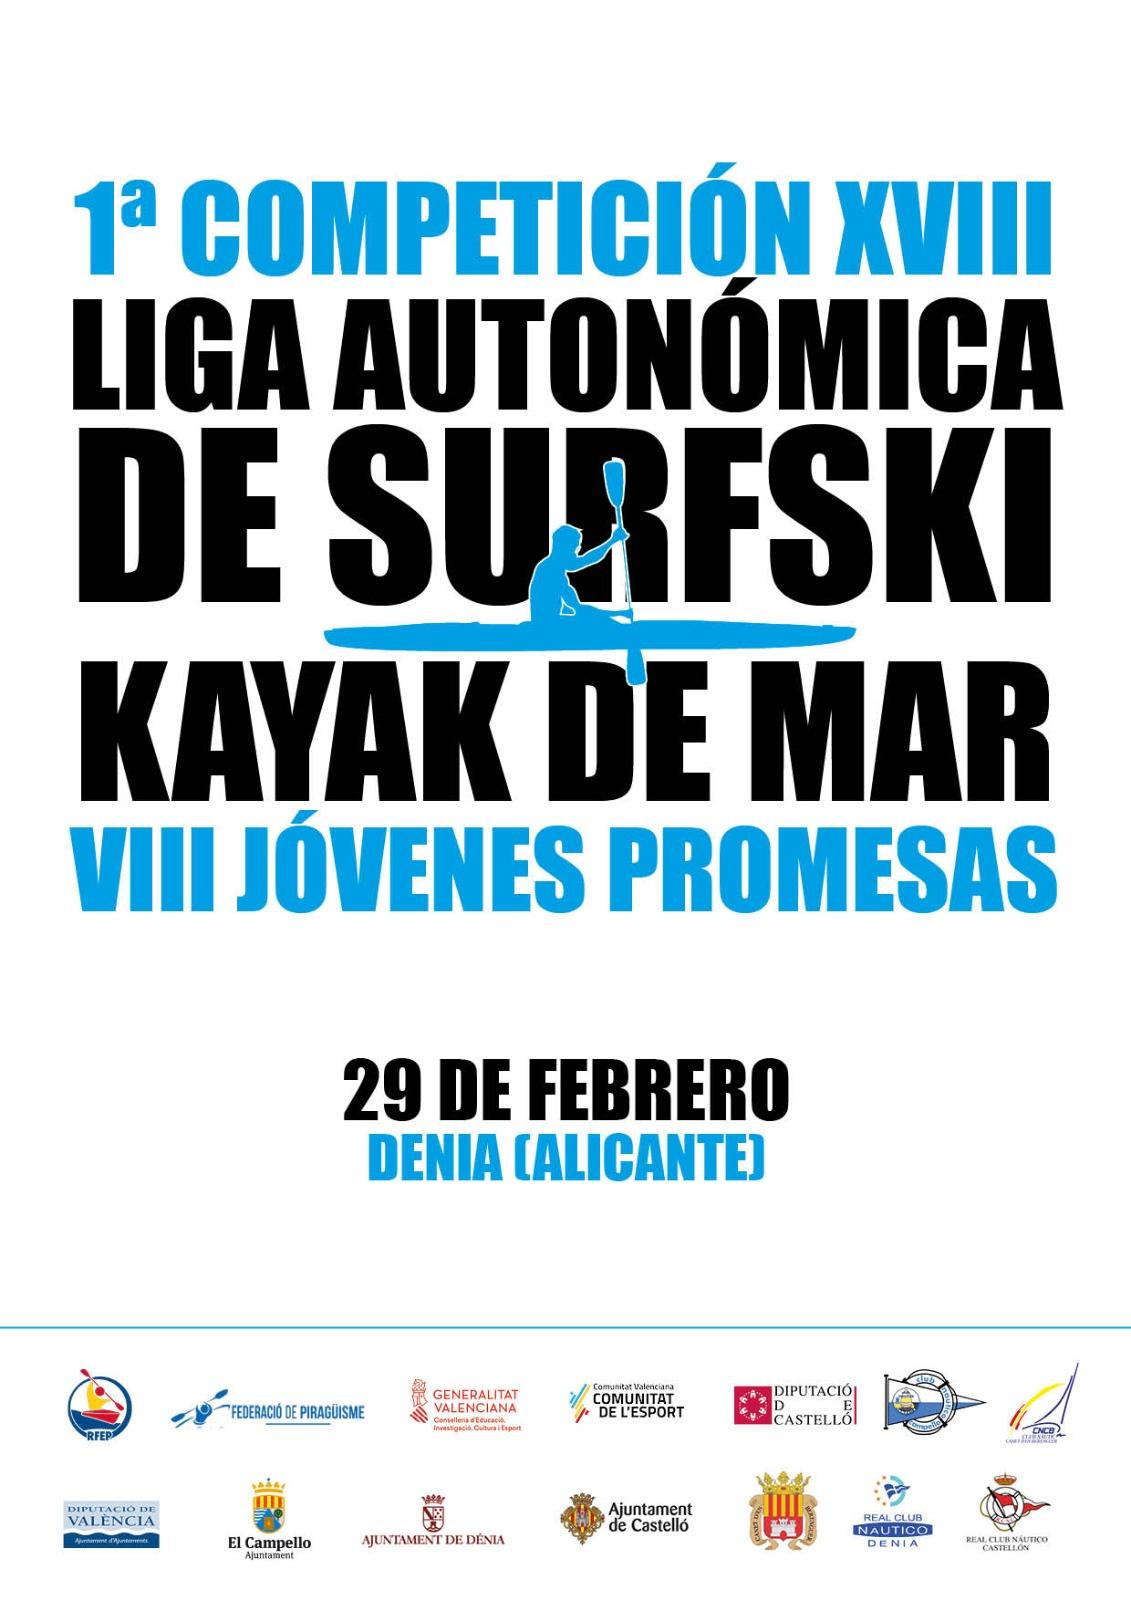 El Real Club Náutico de Dénia acoge la primera competición de la XVIII Liga Autonómica de surfsky y kayak de mar – VIII Jóvenes Promesas